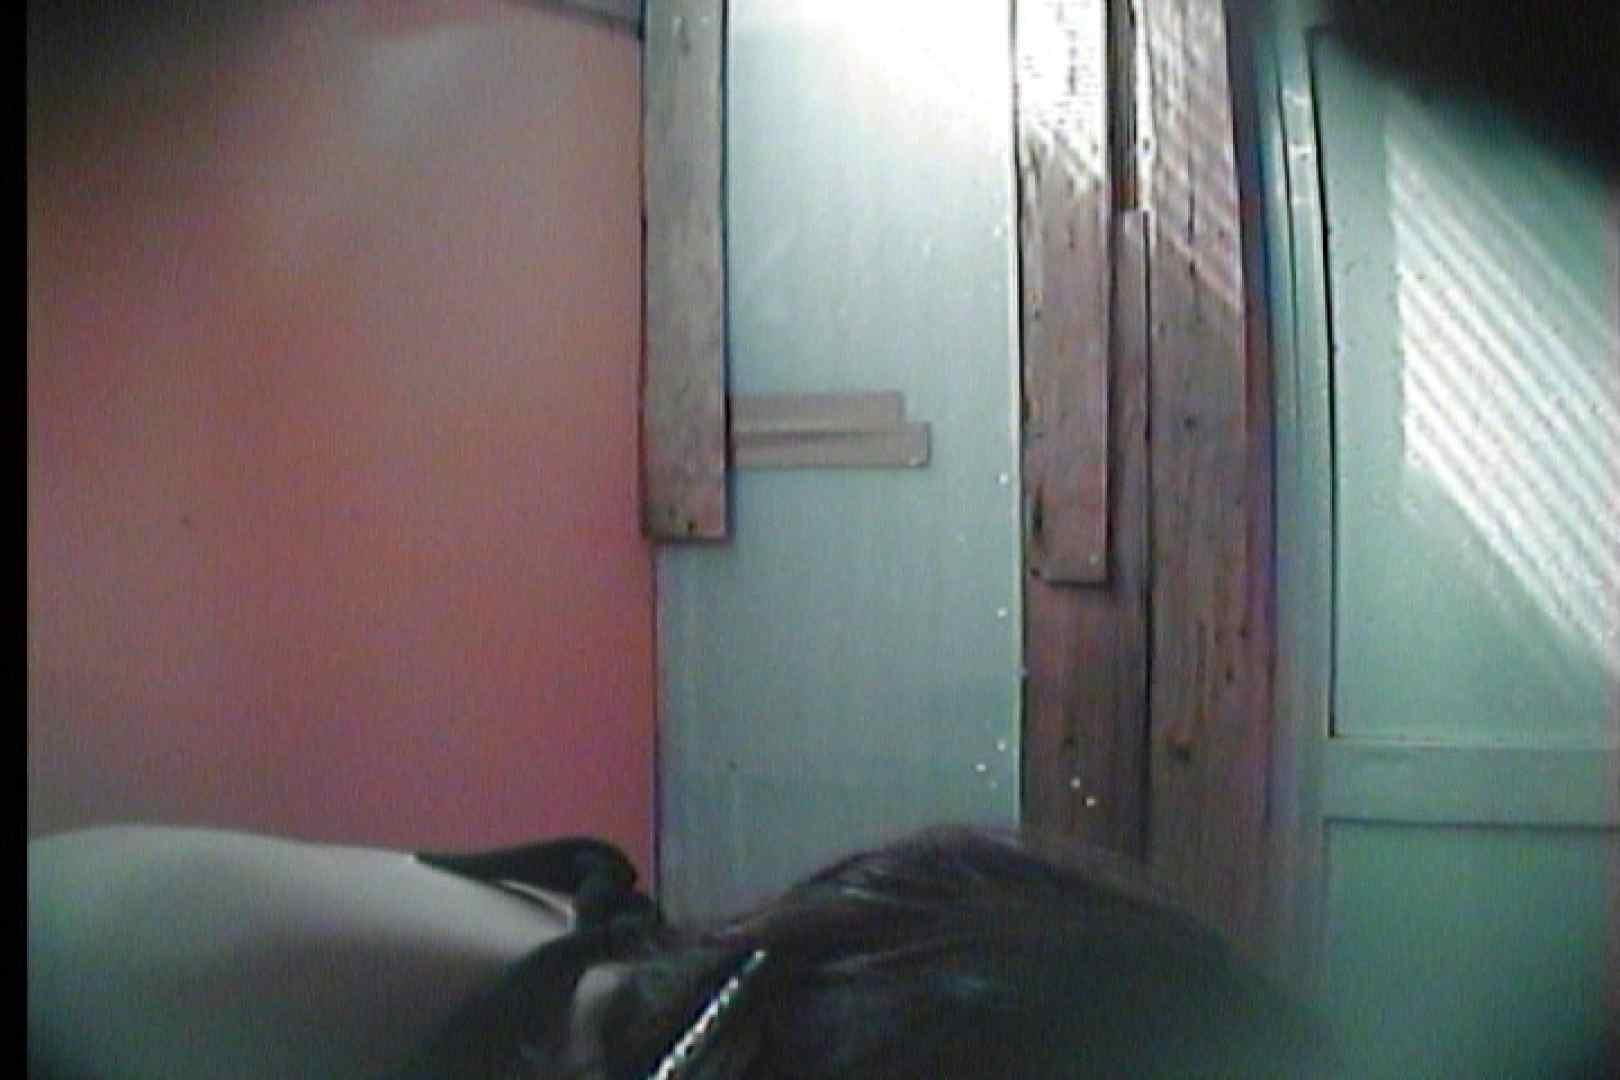 海の家の更衣室 Vol.17 OLのボディ | 美女のボディ  94PIX 4